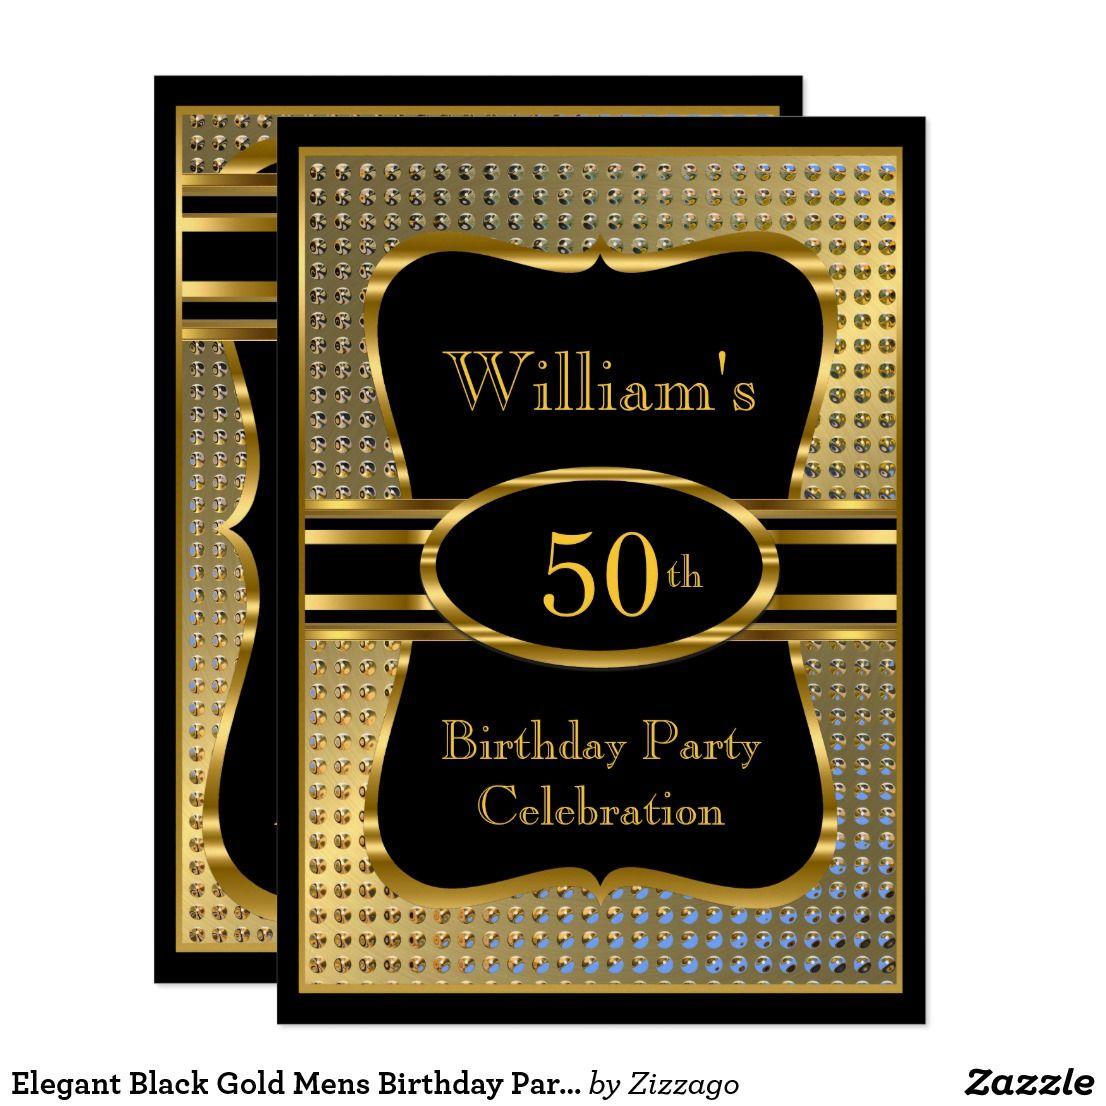 Elegant Black Gold Mens Birthday Party Invitation   Zazzle.com   Mens birthday  party, 50th birthday invitations, Gold birthday party